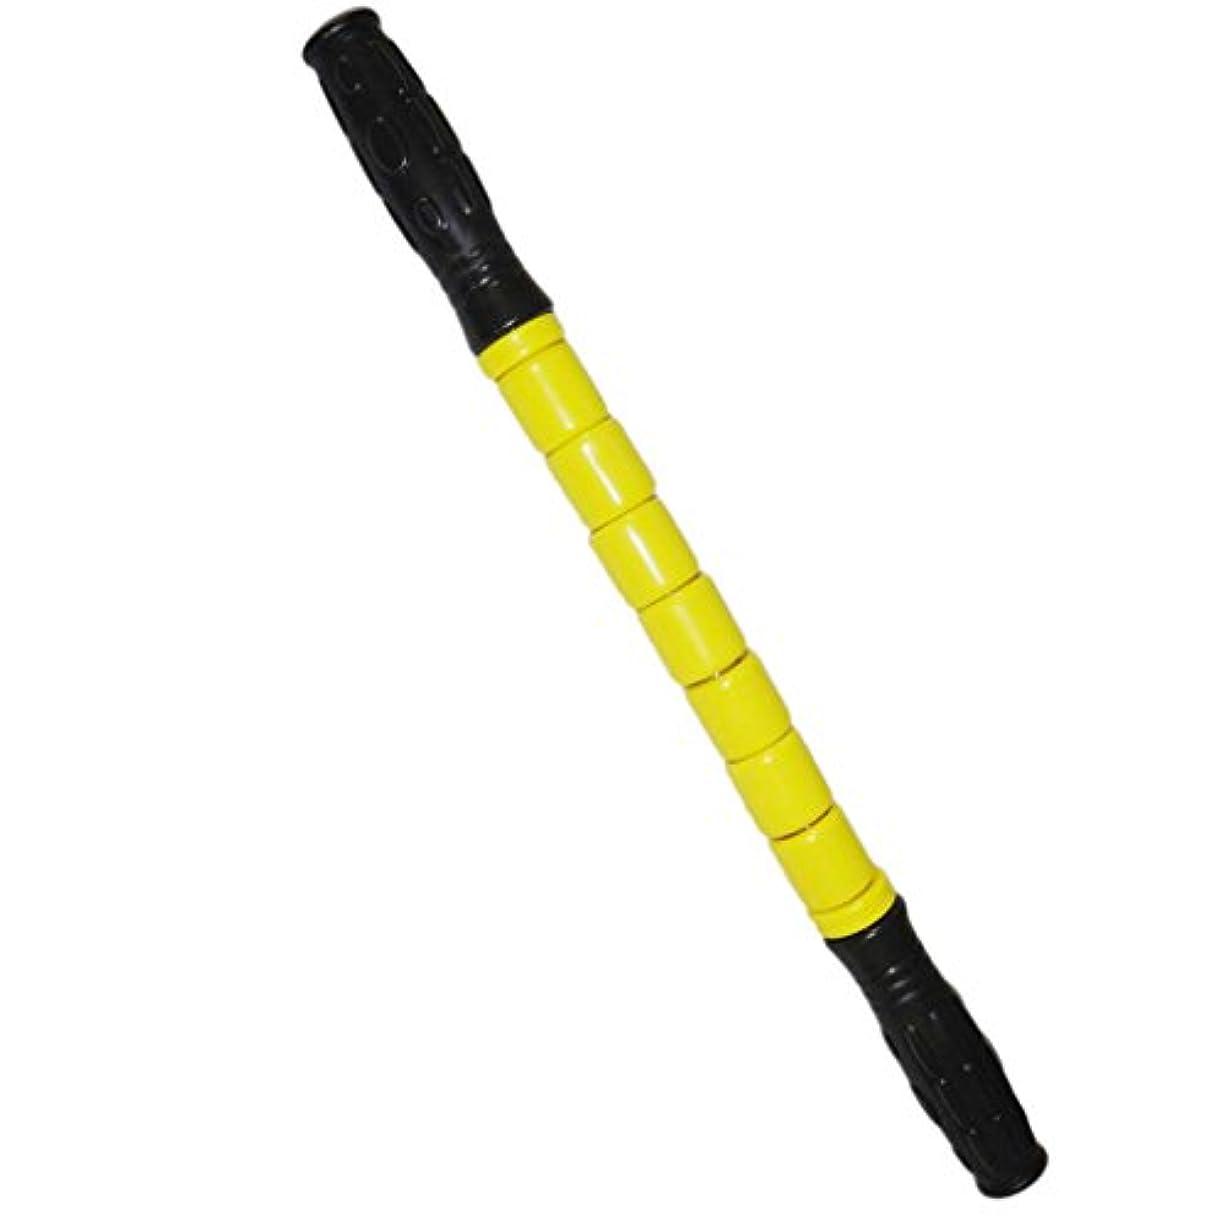 ぶら下がる熱正確にマッサージ スティック 筋 筋膜 リリース ツール マッスル マッサージ 痛み 緩和 全3色 - 黄